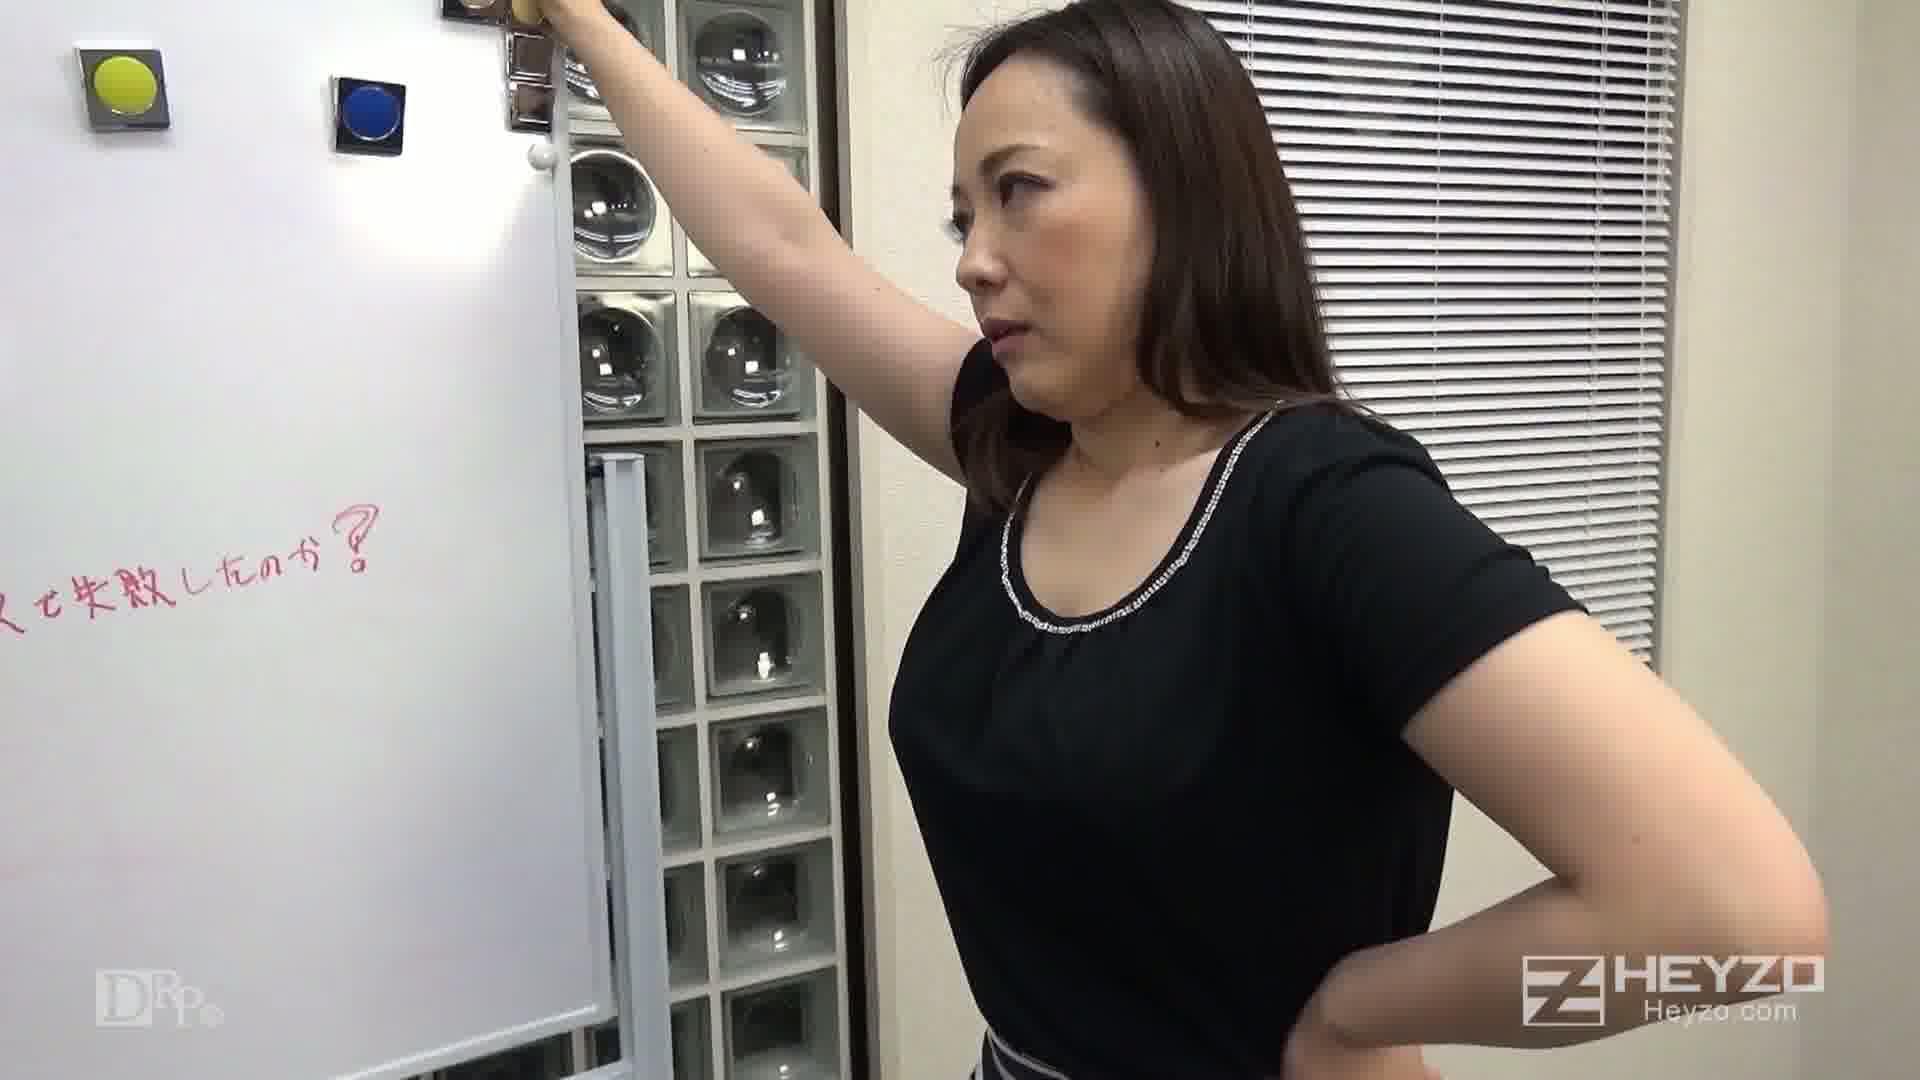 ヤリ手女社長はヤリたがり!~部下の下半身を奮い勃たします!~ - 南澤ゆりえ【説教 パンスト破り M字開脚】